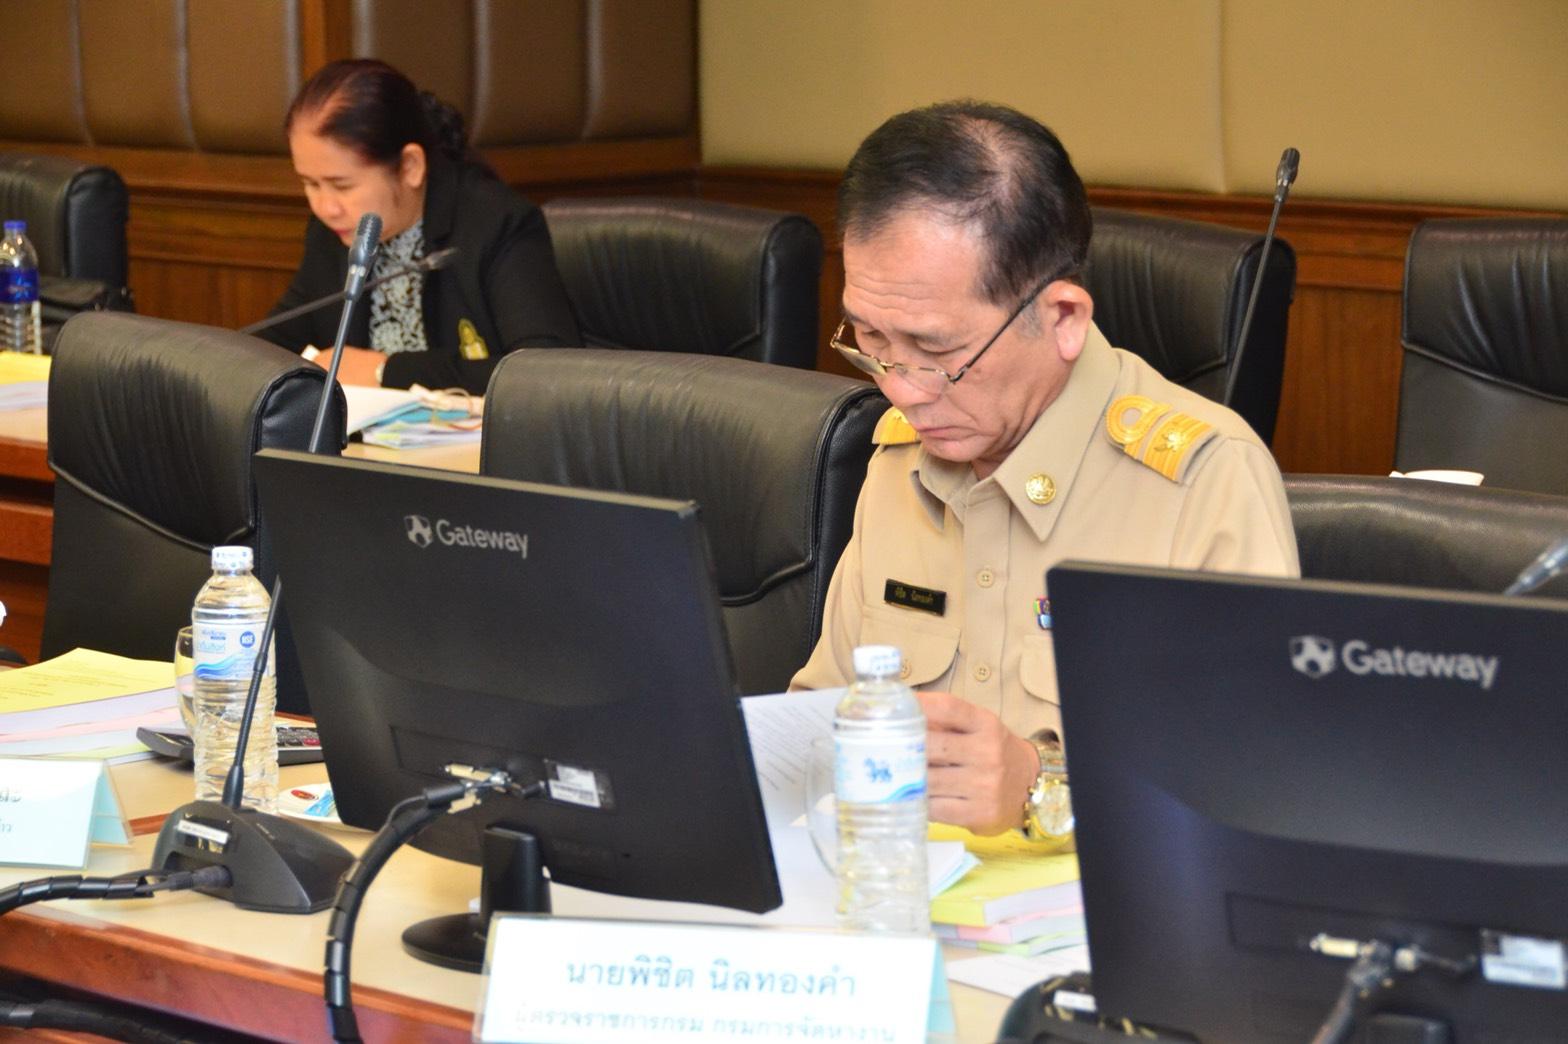 การประชุมคณะกรรมการกองทุนเพื่อการบริหารจัดการการทำงานของคนต่างด้าว ครั้งที่ 2/2561